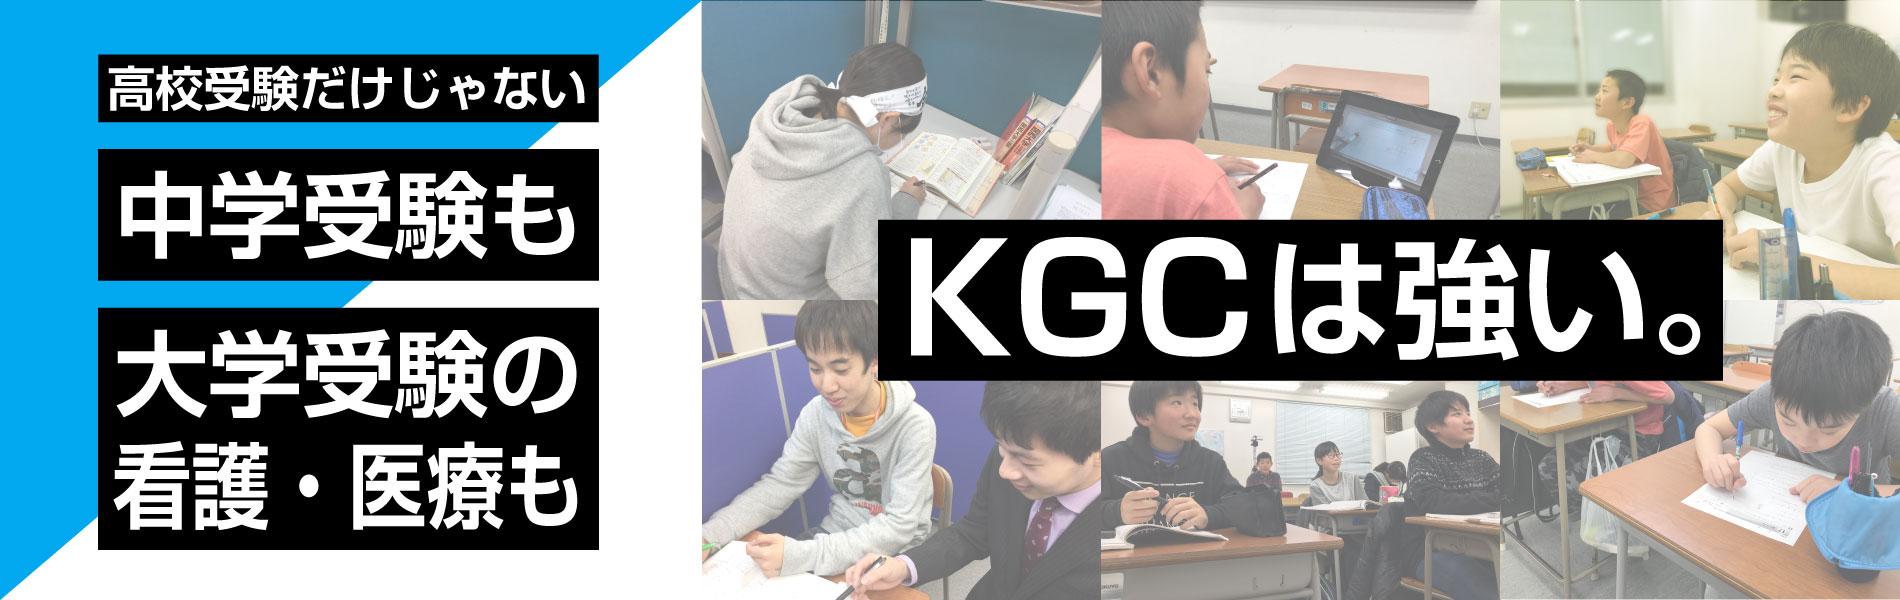 中学受験も大学受験の看護・医療もKGCは強い